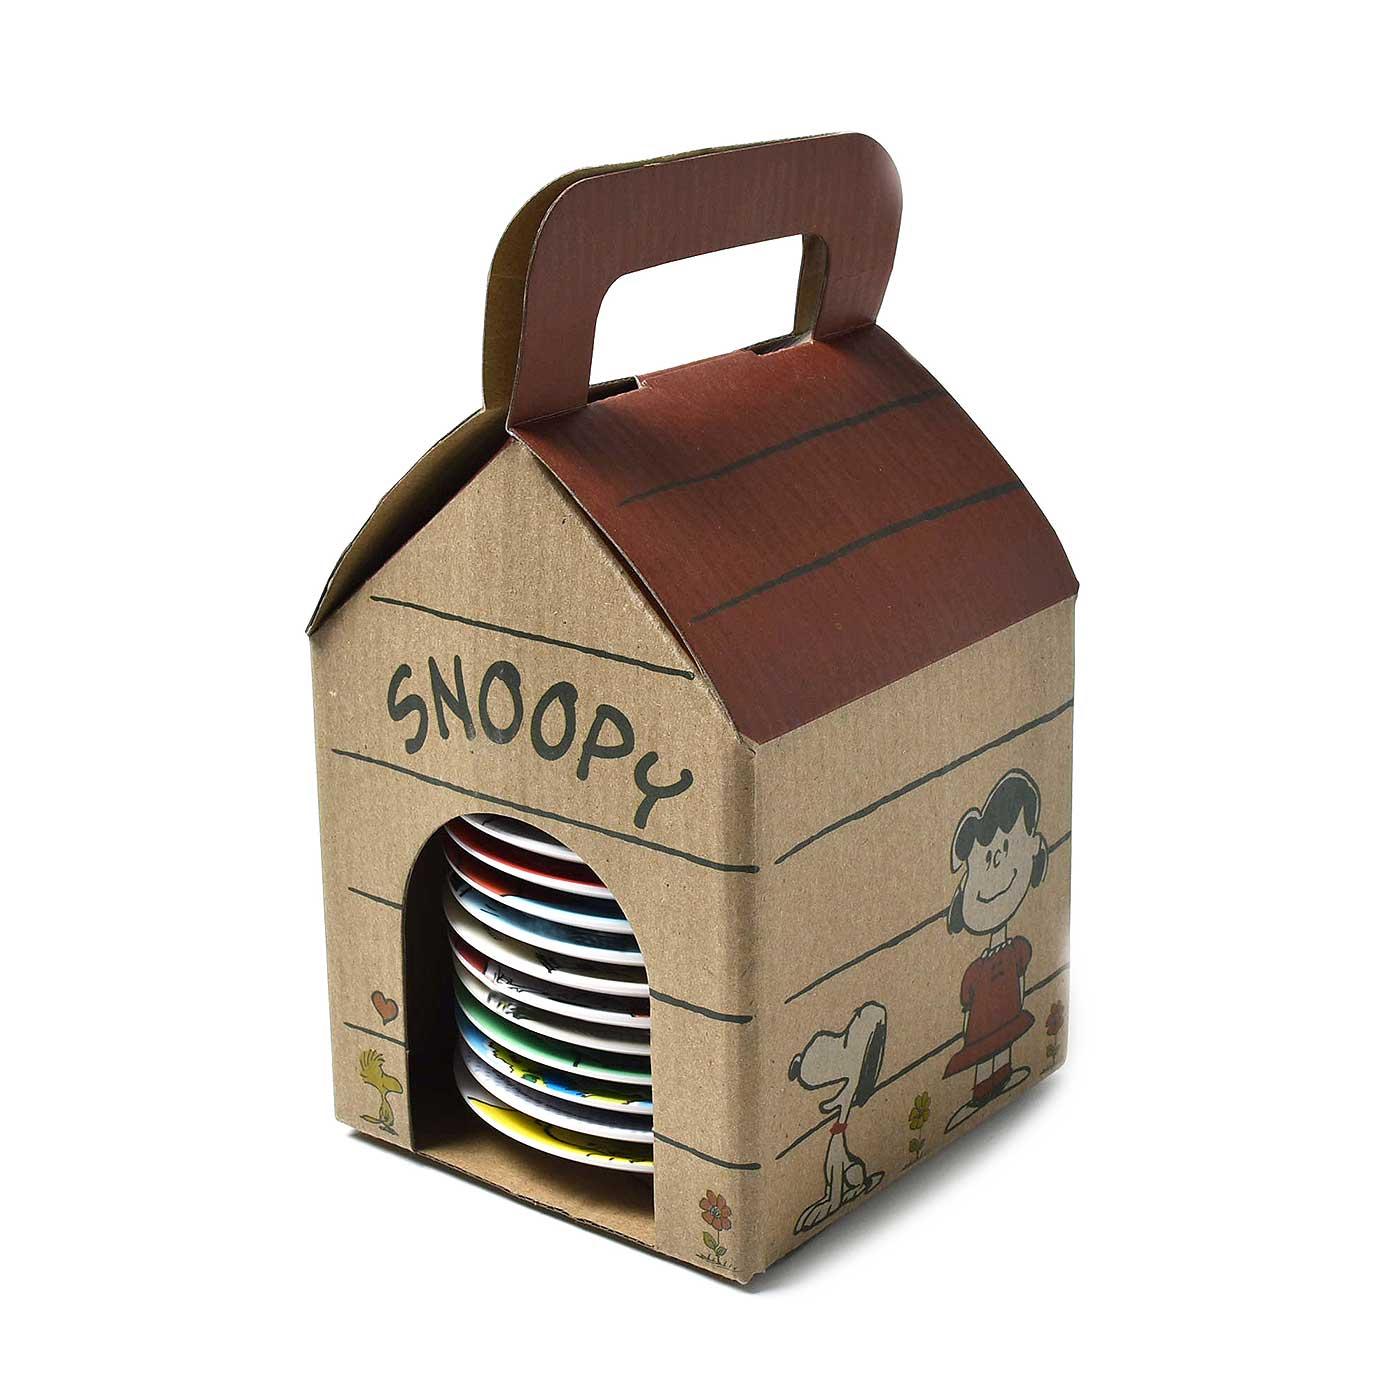 スヌーピーのおうちみたいな、かわいいボックスでお届けします。